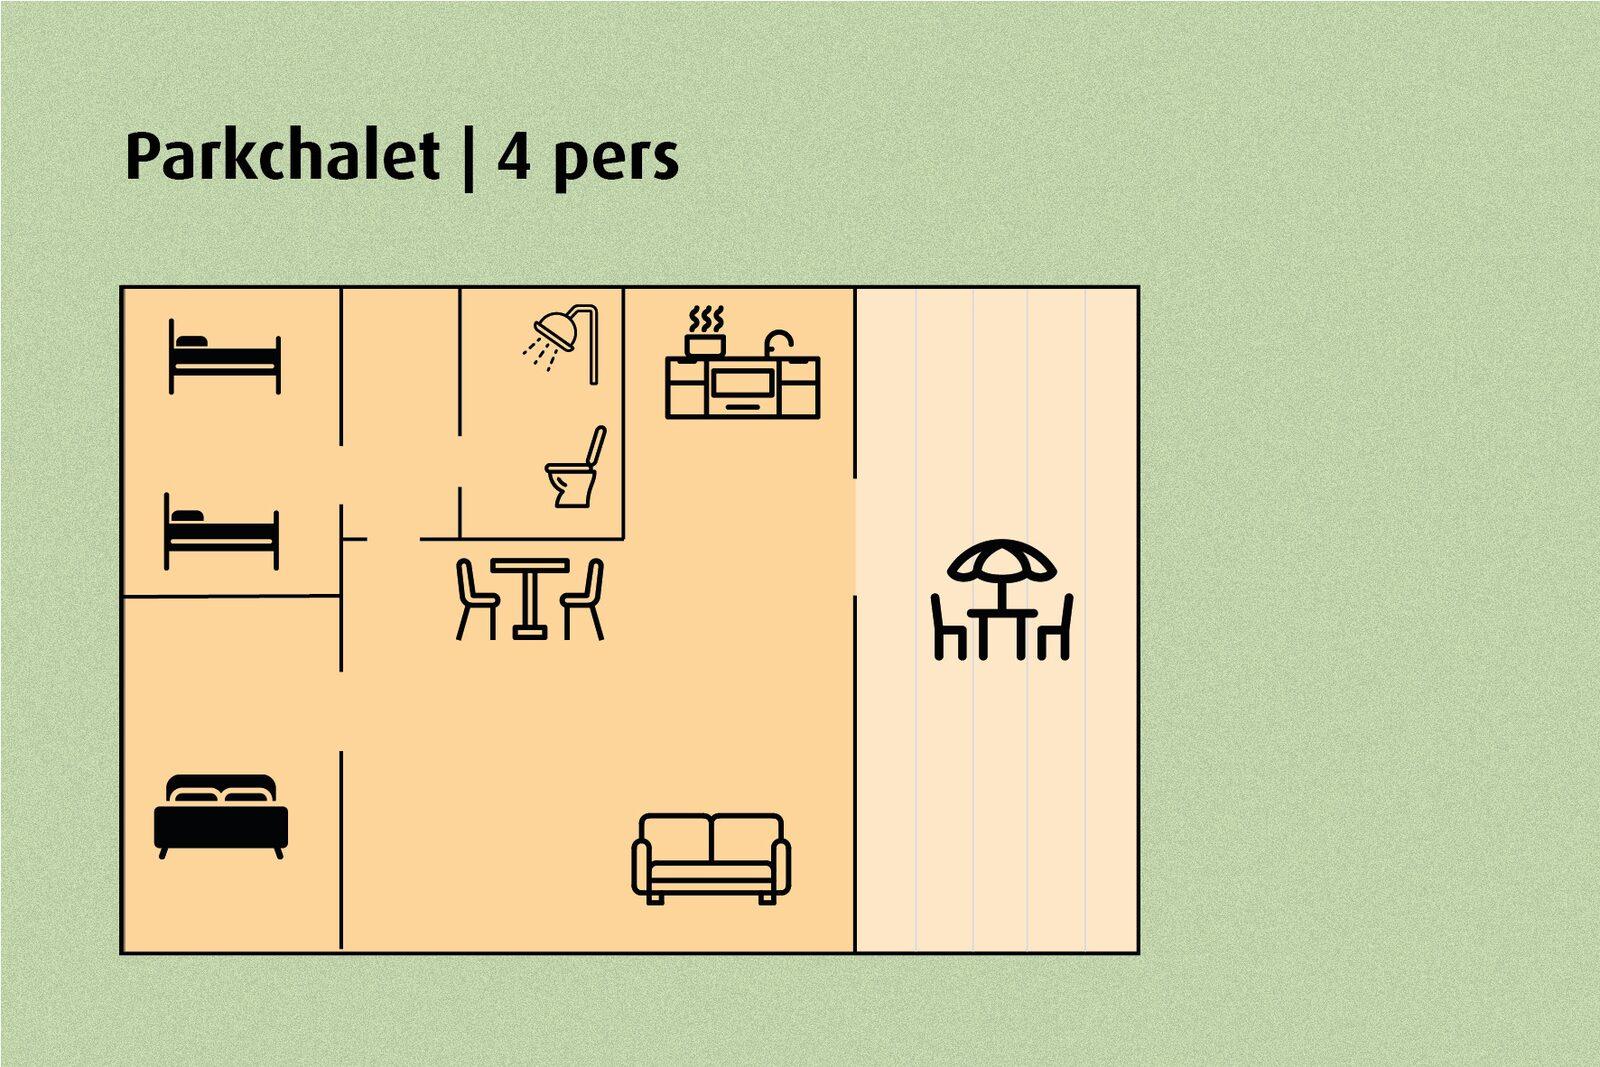 Parkchalet | 4 pers.